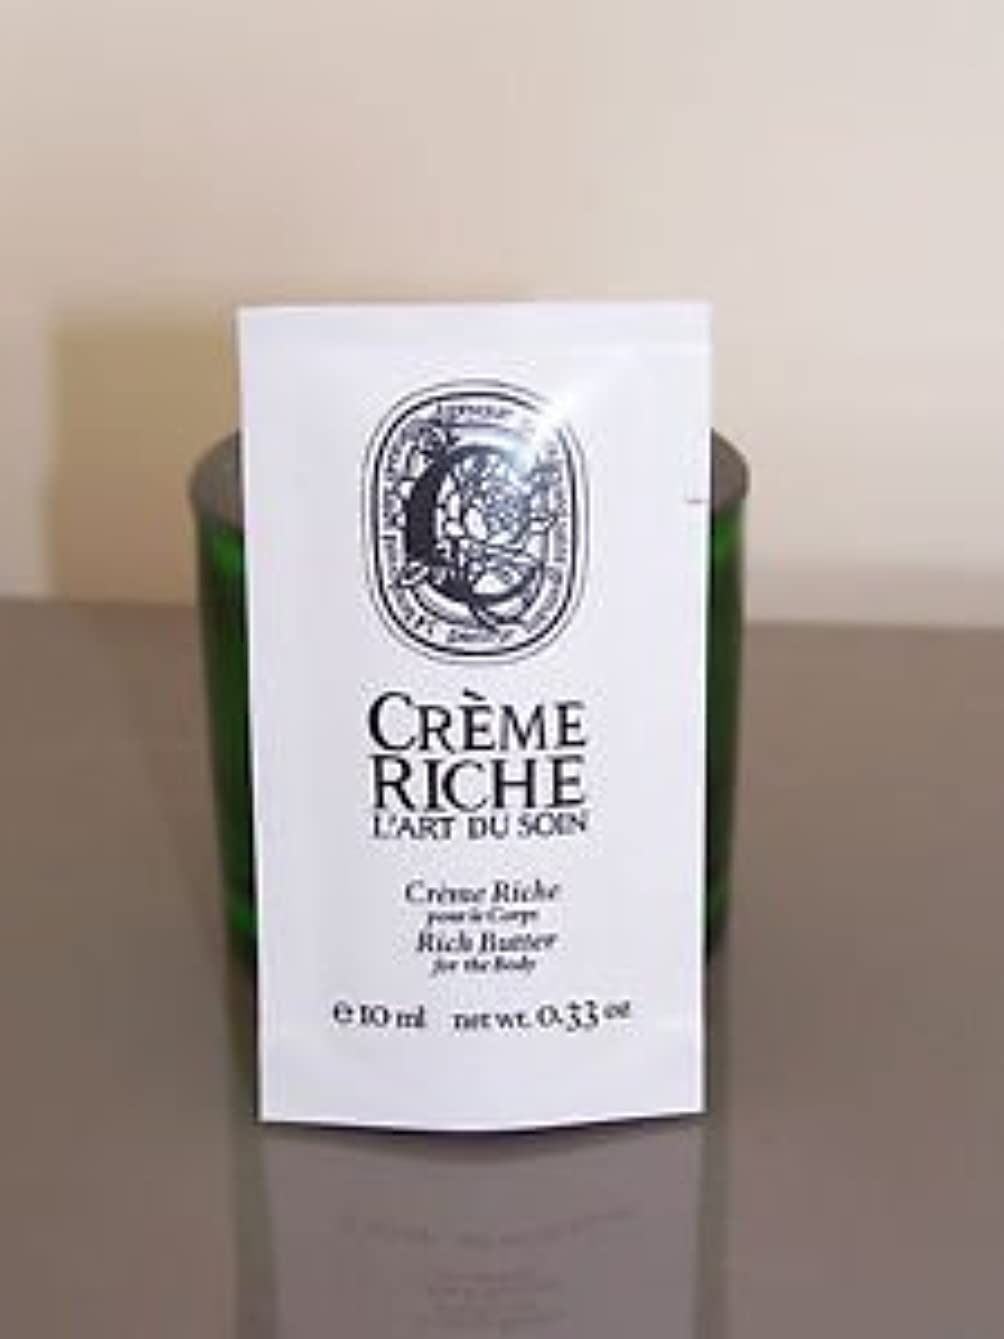 接辞オープニング分配しますDiptyque Creme Riche (ディプティック クレーム リッチ) 0.33 oz (10ml) ボディーバター (ボディークリーム) サンプル for Women